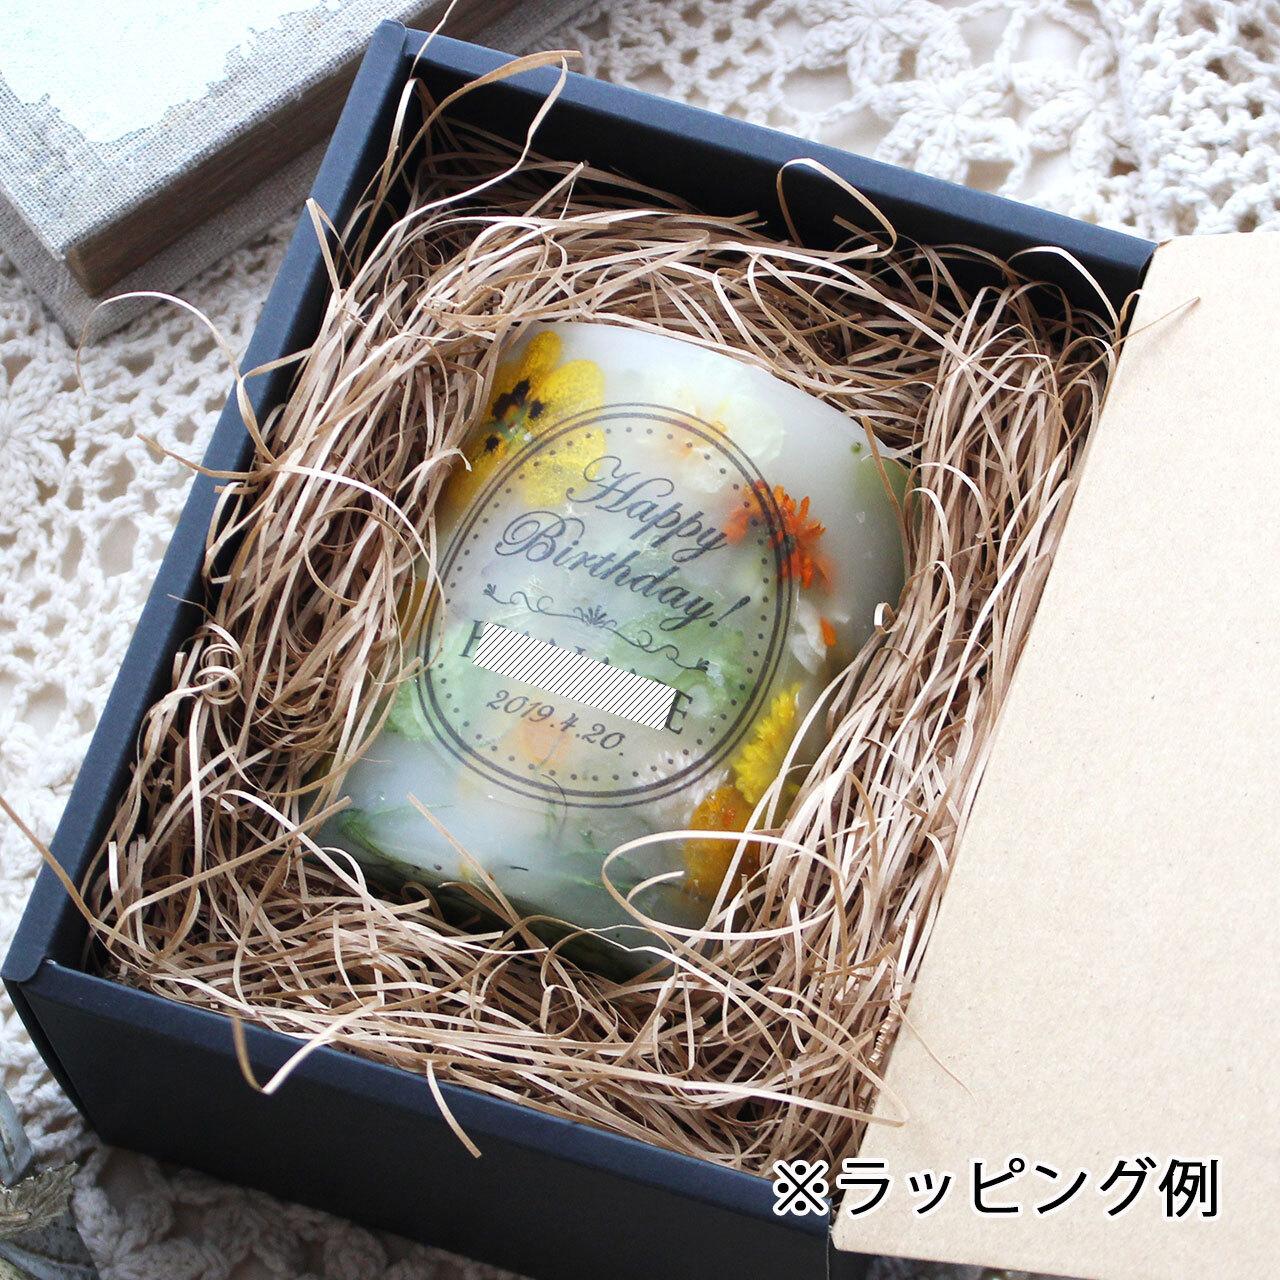 NC266 ギフトラッピング付き☆メッセージ&日付&名入れボタニカルキャンドル ガーデン